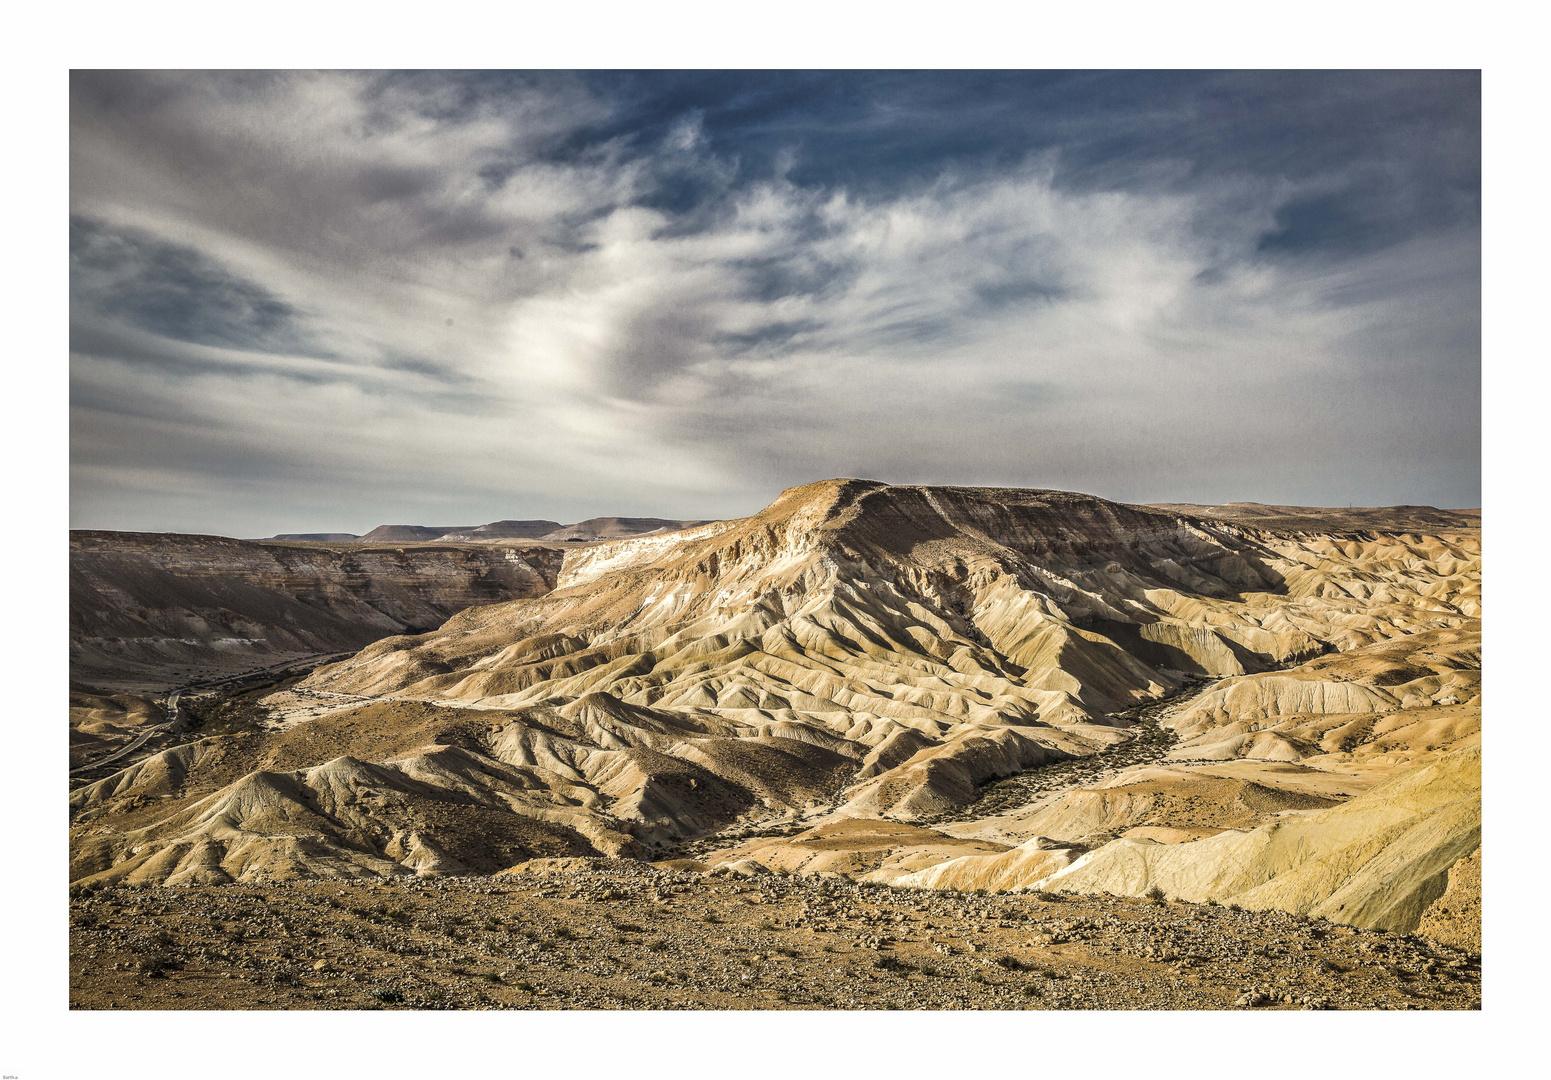 En Avdat National Park